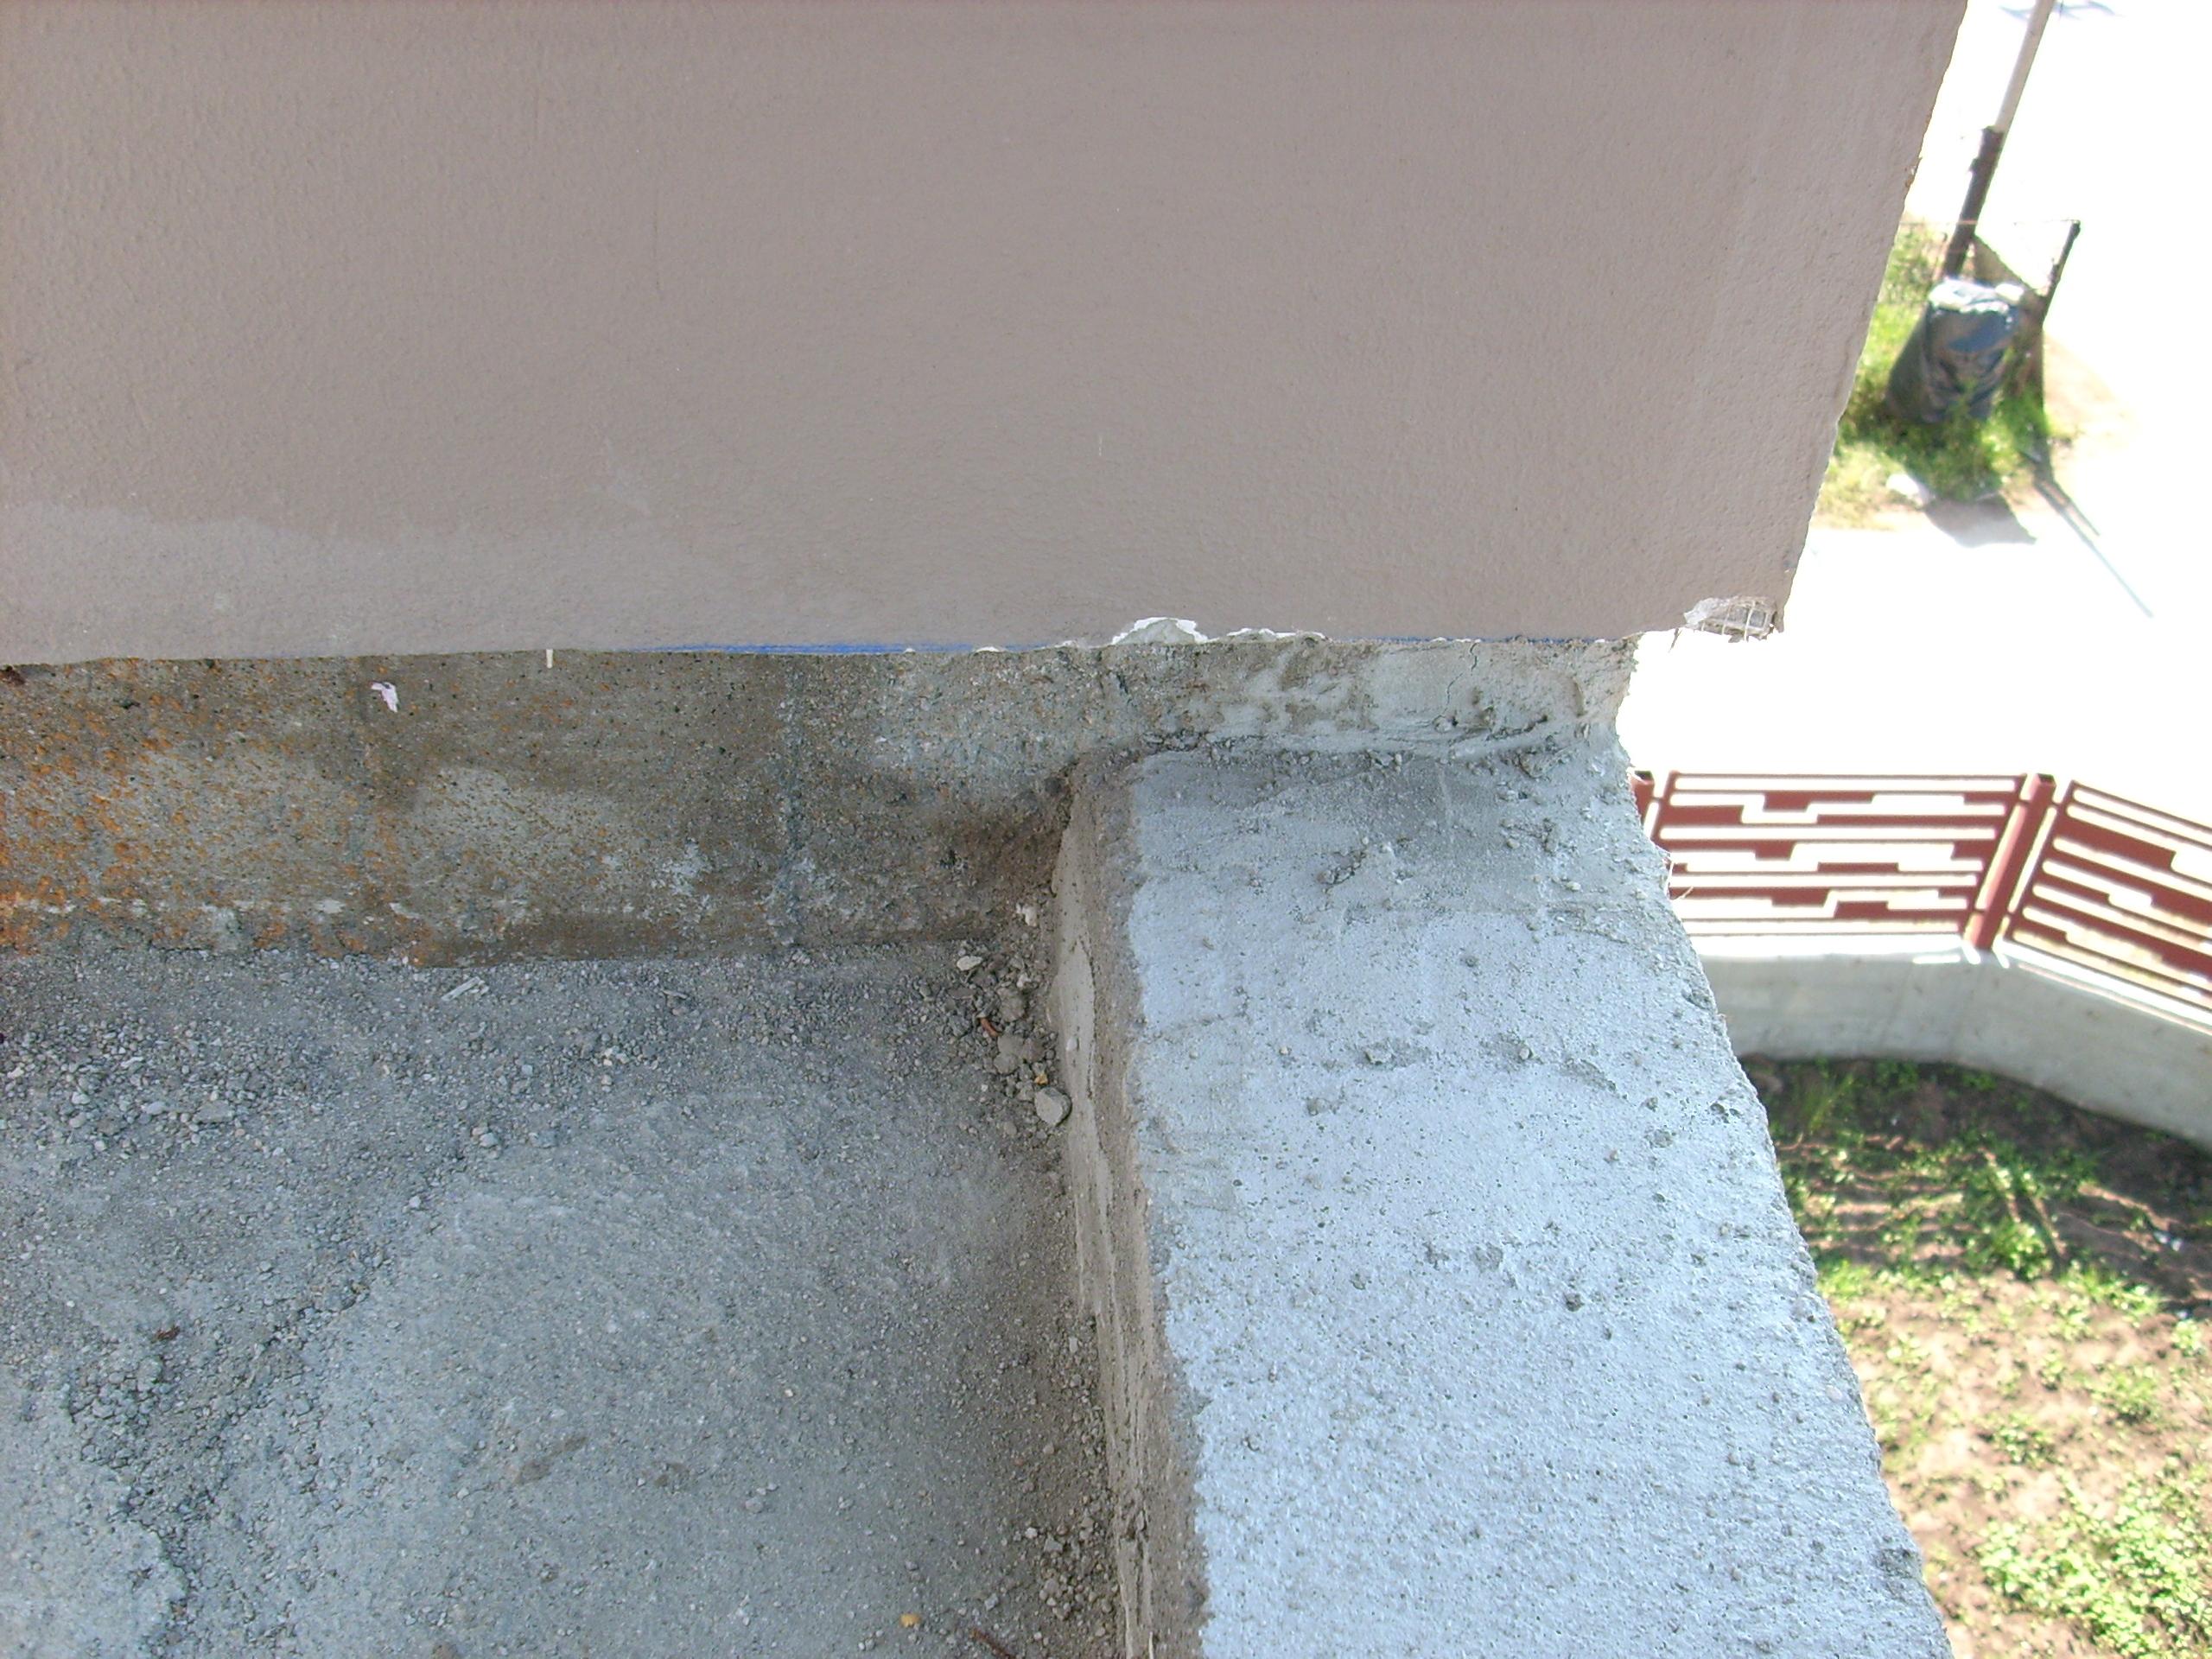 Aplicarea tratamentelor de impermeabilizare - Vila persoana privata - Pipera UNICO PROFIT - Poza 104